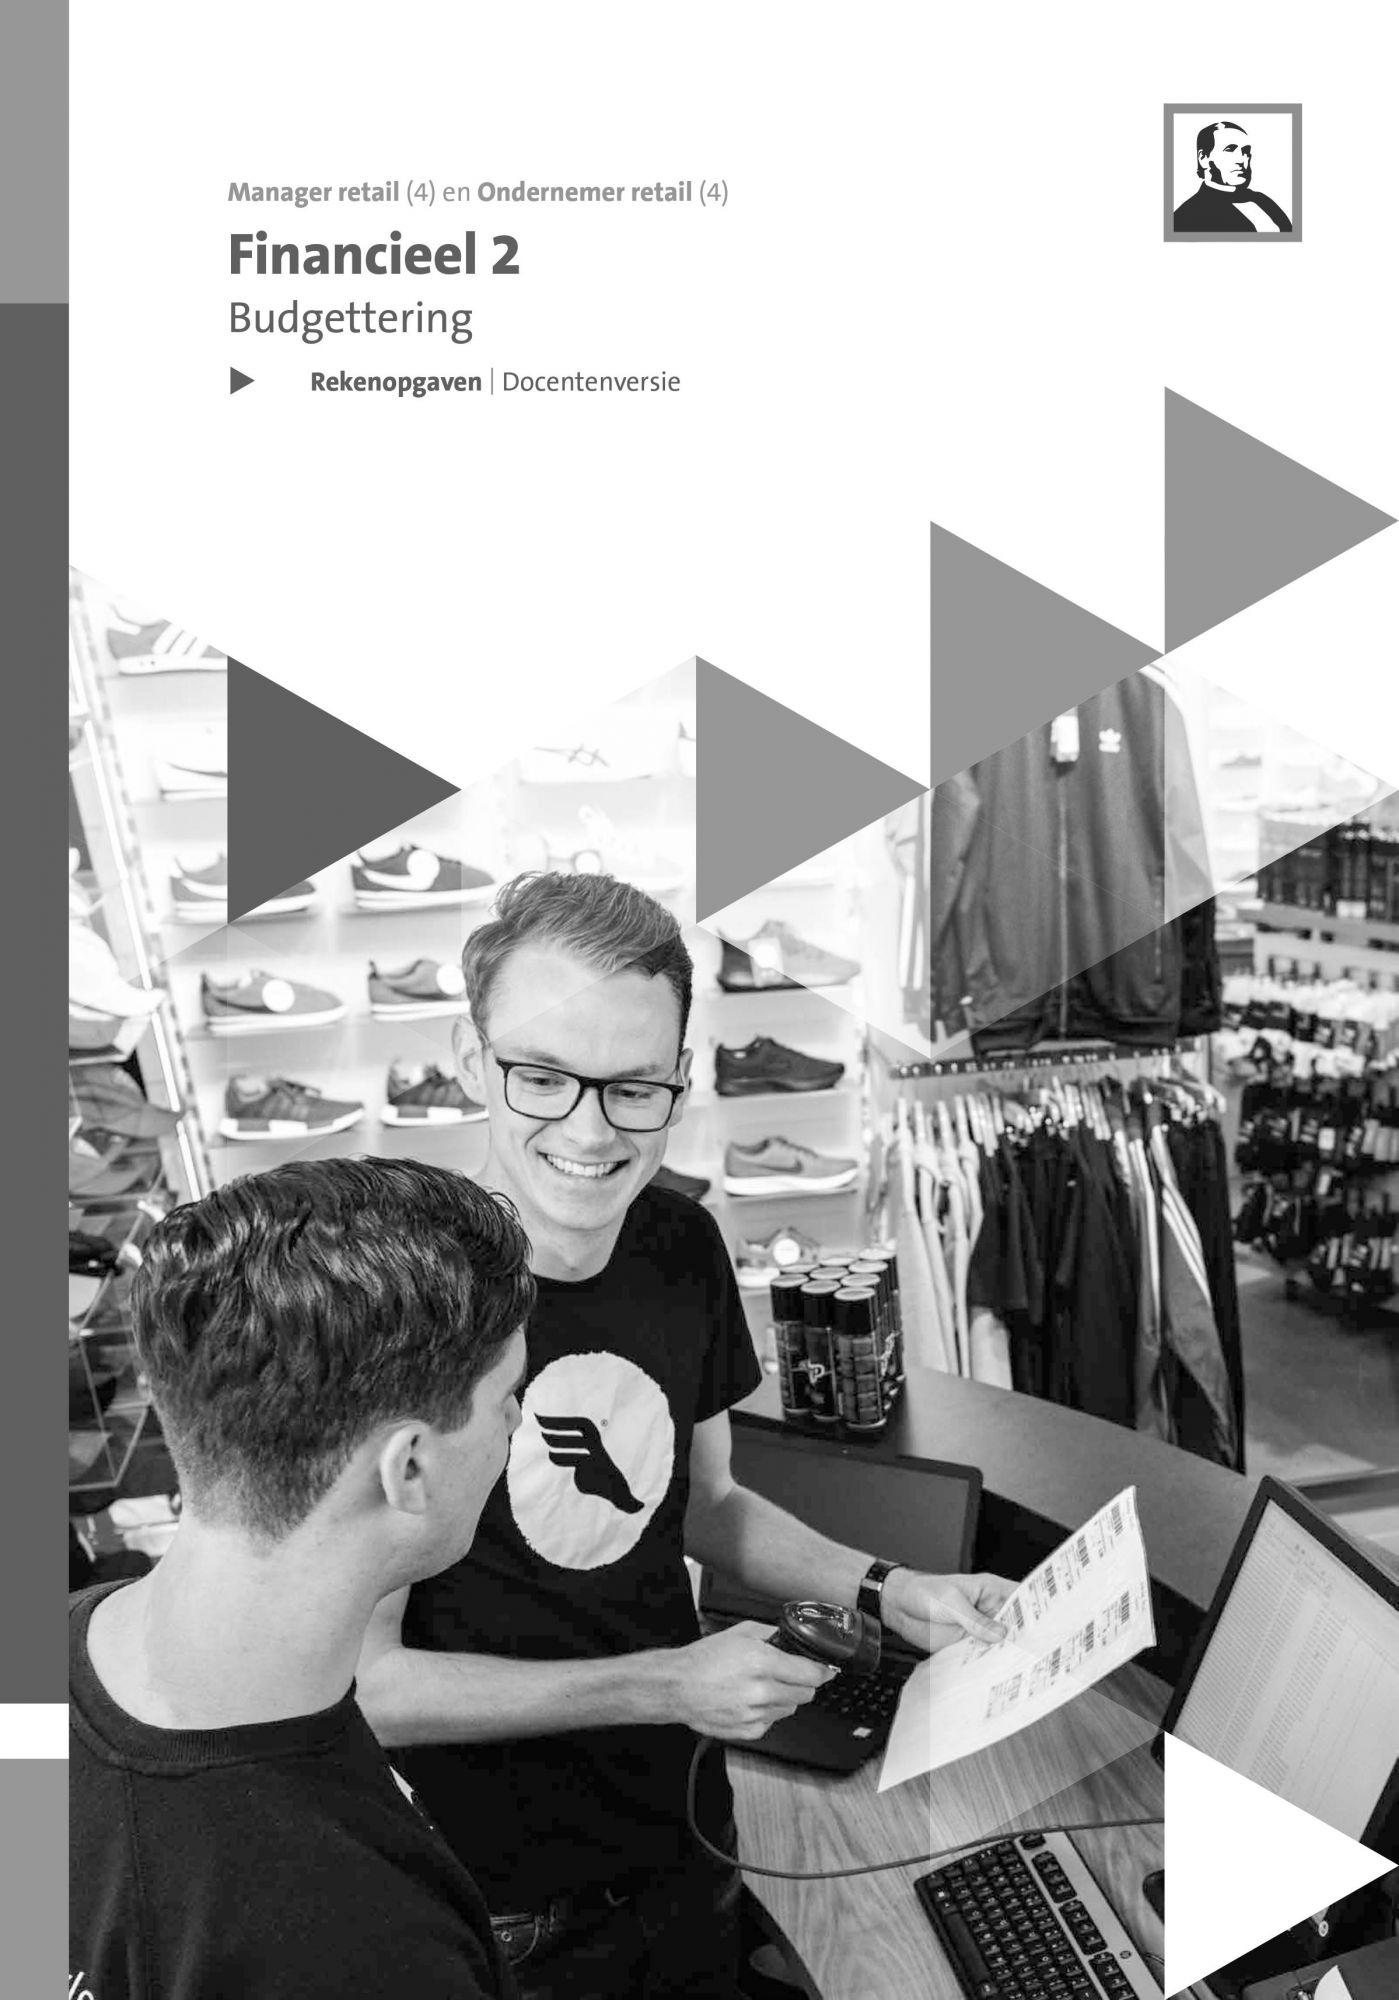 Afbeelding van Extra rekenopgaven Financieel 2 (Retail N4)